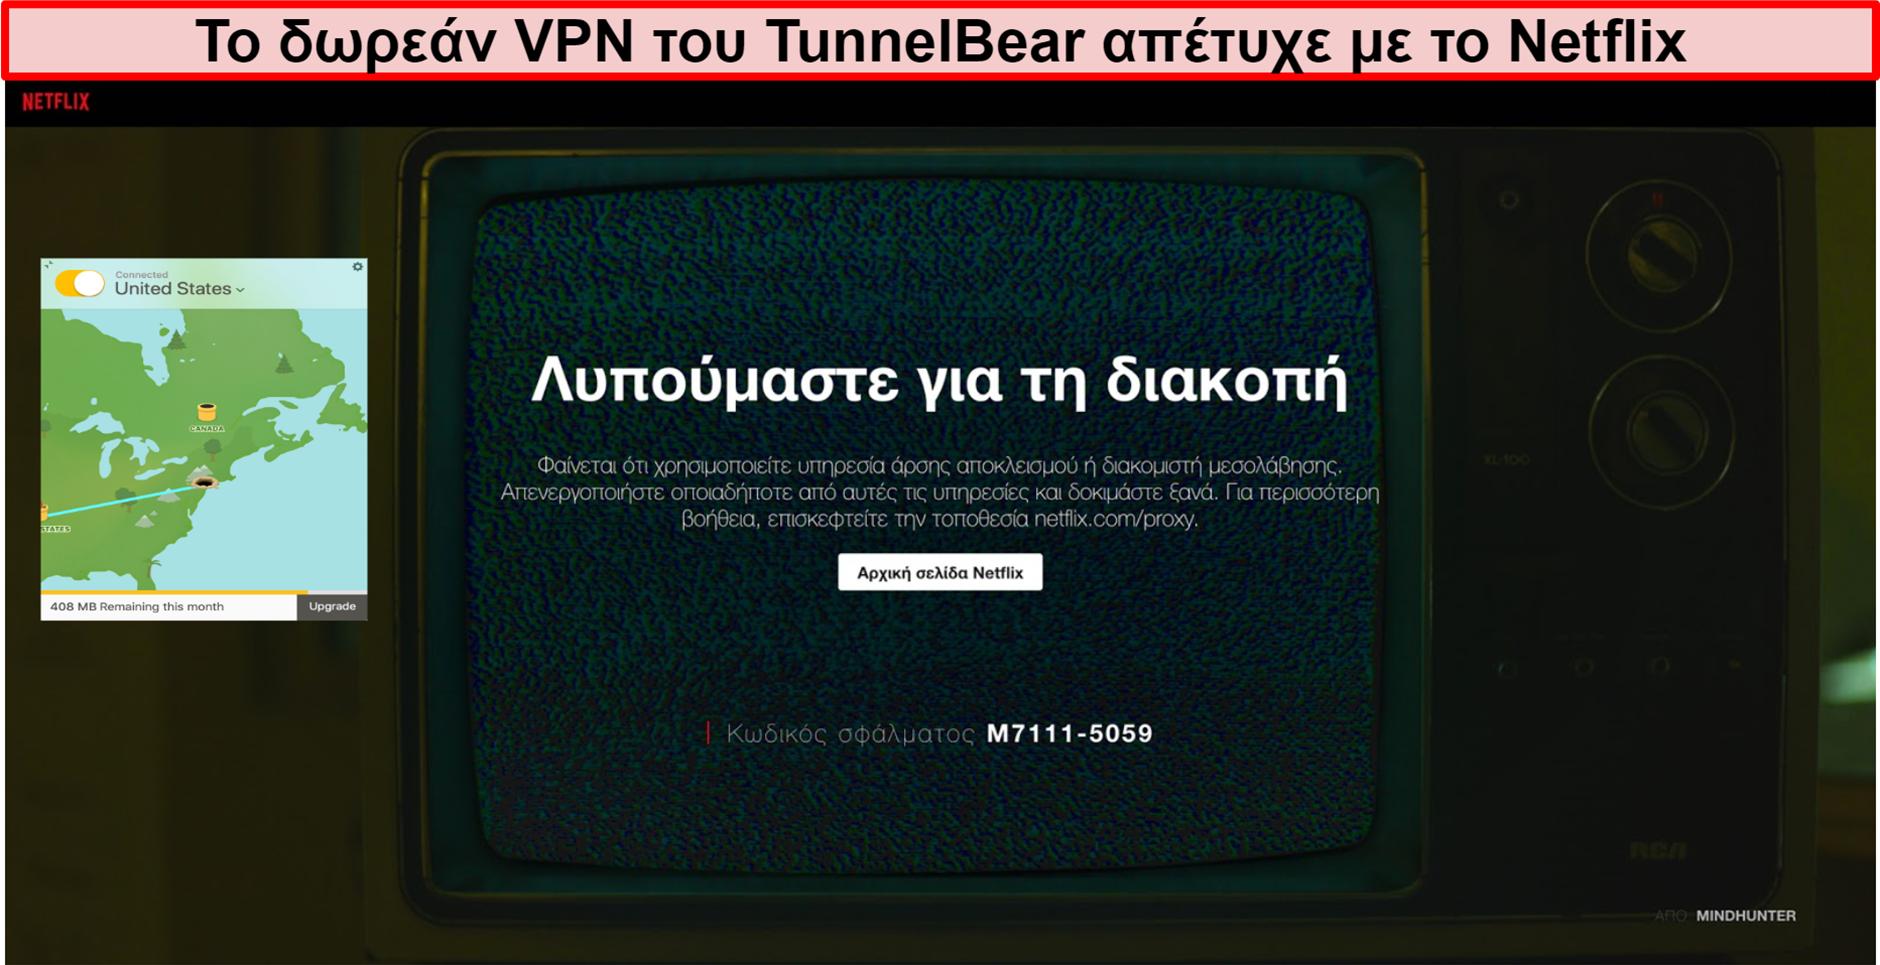 Στιγμιότυπο οθόνης του TunnelBear VPN συνδεδεμένο στις ΗΠΑ με το Netflix που εμφανίζει το μήνυμα σφάλματος κατάργησης αποκλεισμού ή διακομιστή μεσολάβησης